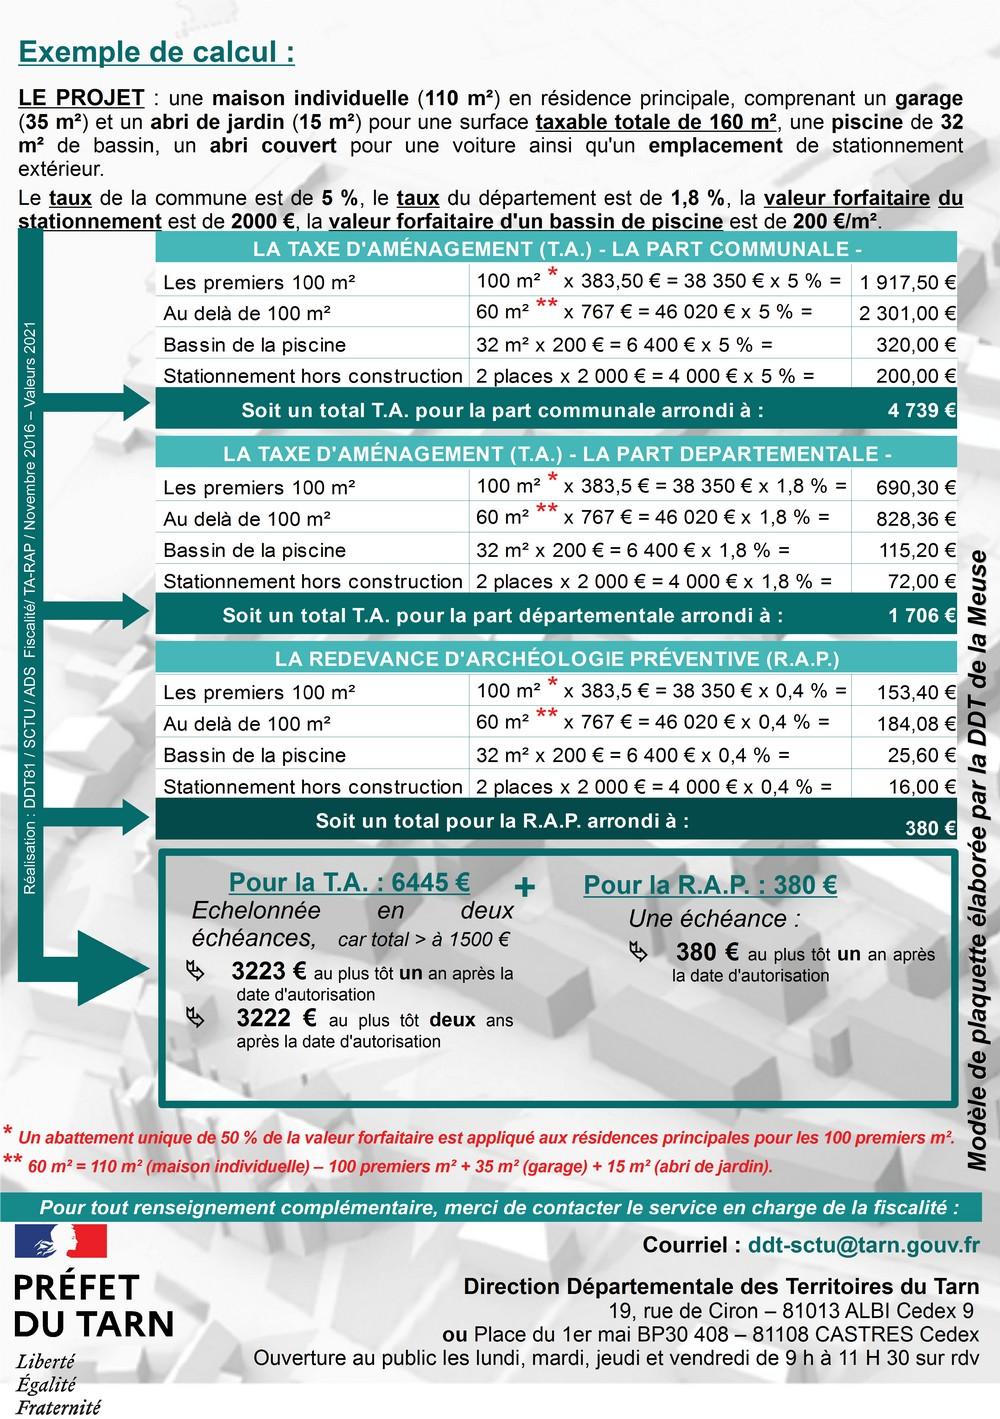 Taxes d_urbanisme _4-4_.jpg